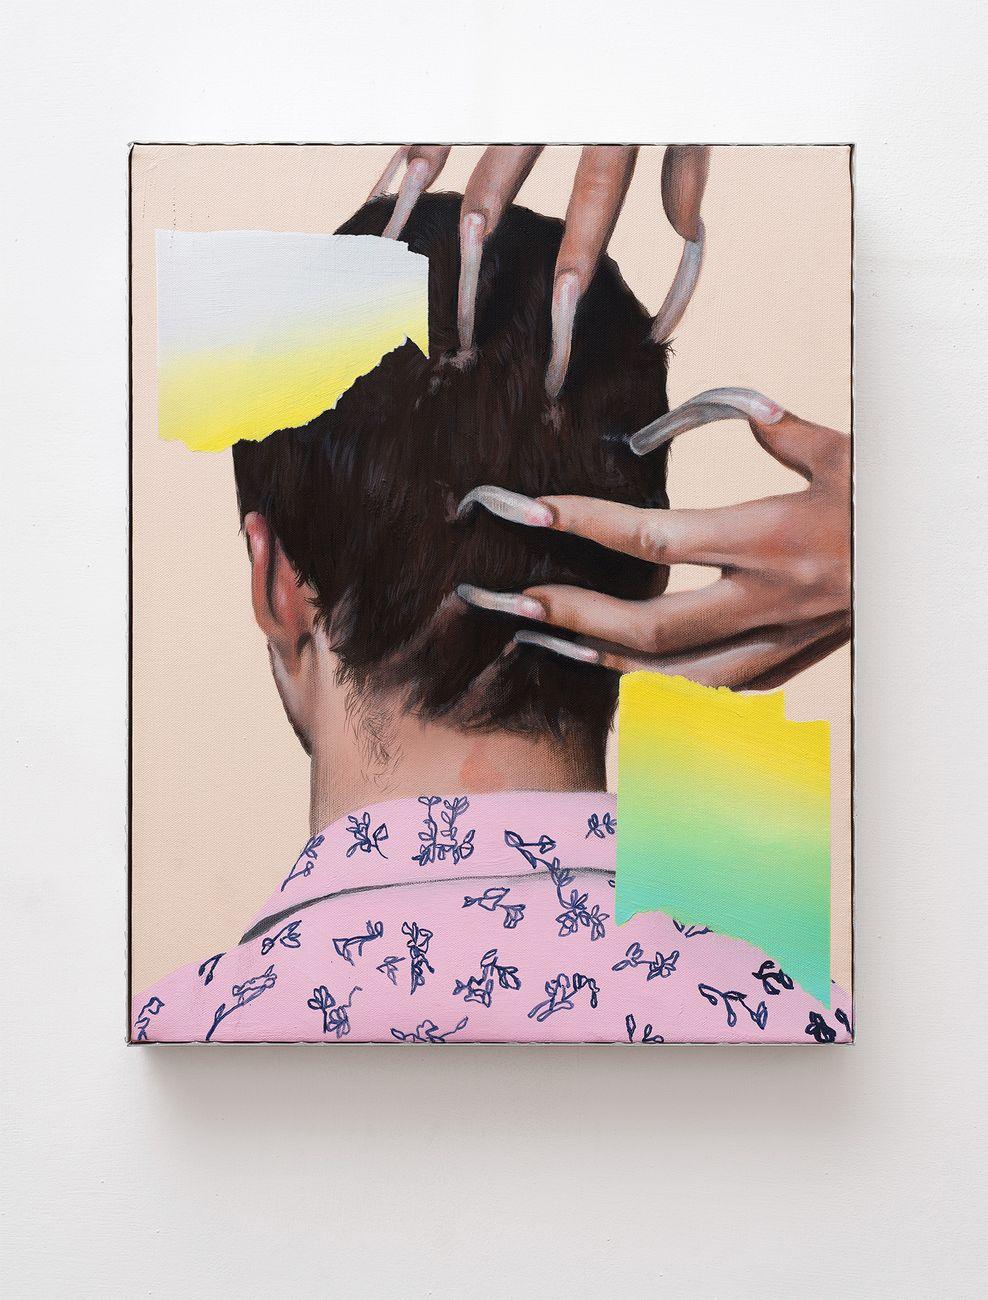 Andrea Martinucci, 30032018.jpeg, acrilico, grafite e acciaio su tela, 40x50cm, 2018. Courtesy Collezione Privata